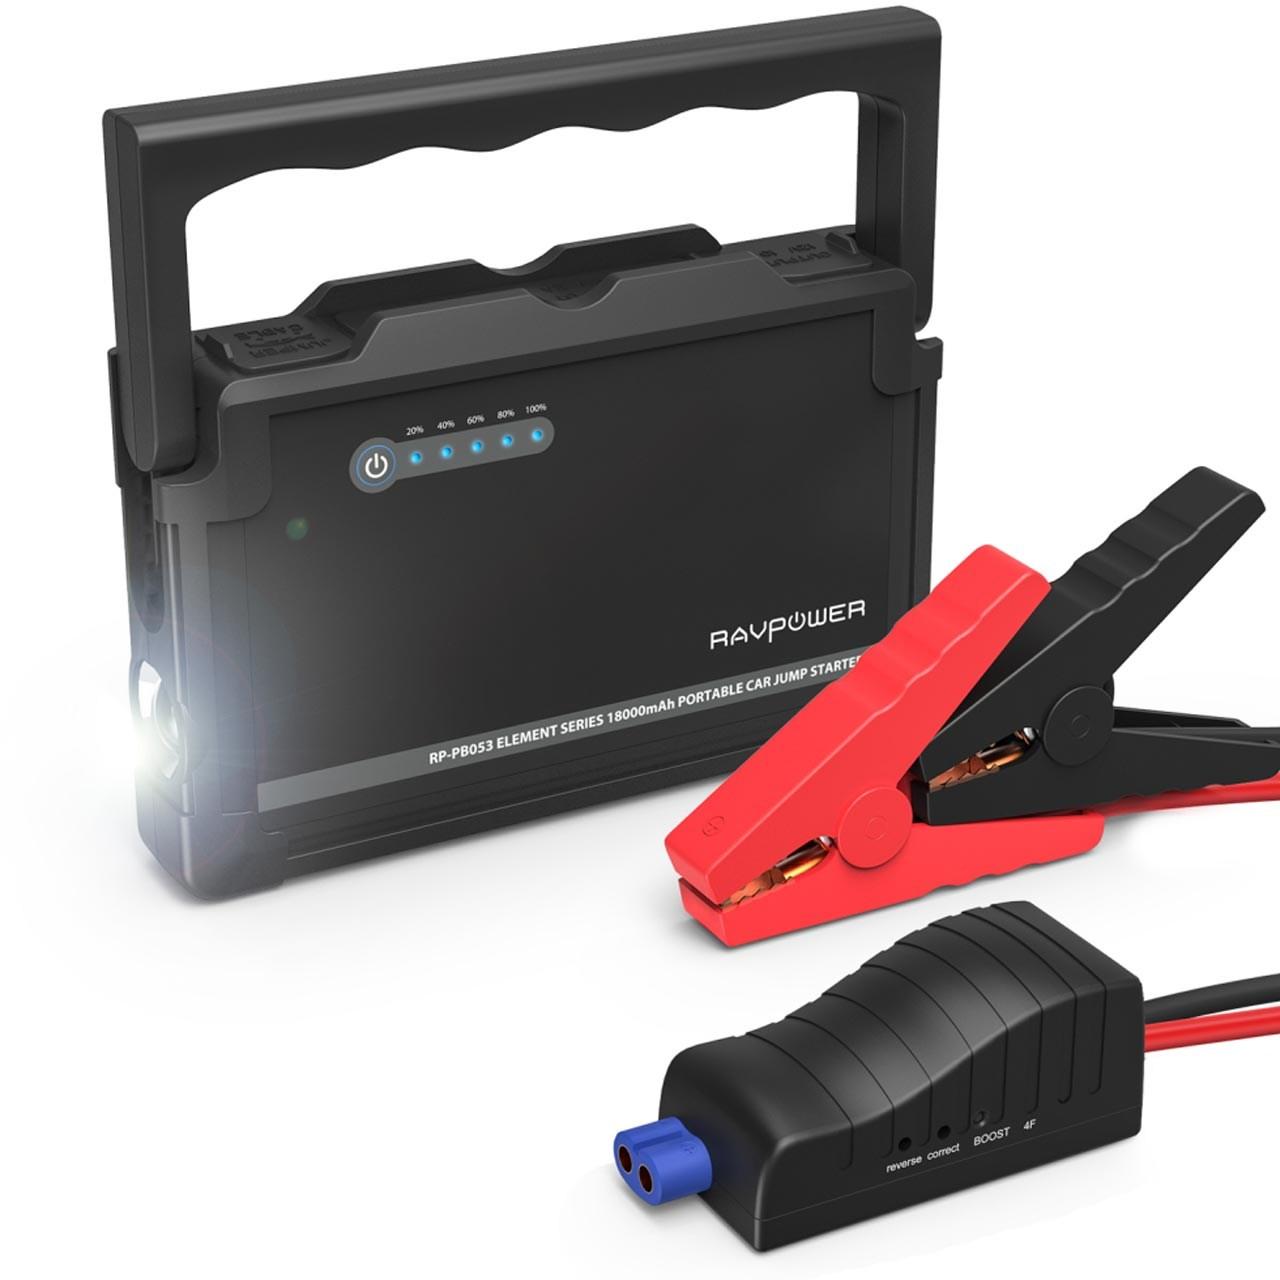 شارژر همراه و استارتر خودرو راو پاور مدل RP-PB053 ظرفیت 18000 میلی آمپرساعت              ( قیمت و خرید)